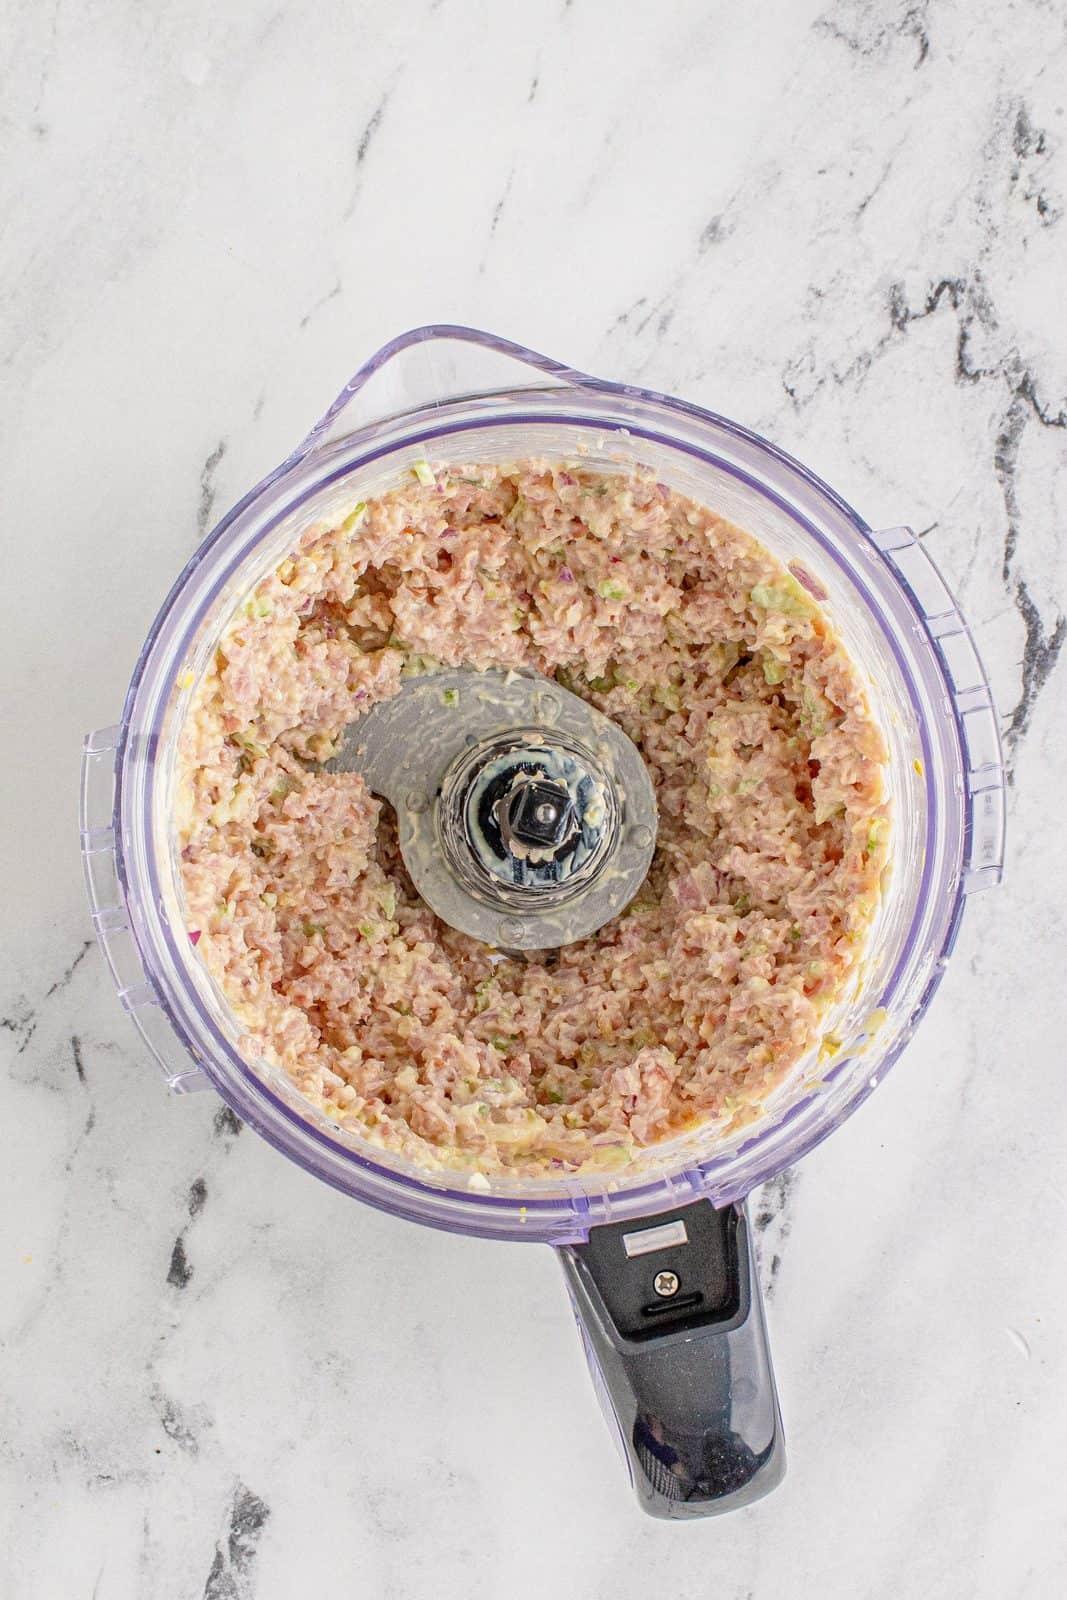 Blended up pinwheel ingredients in food processor. Overhead photo.